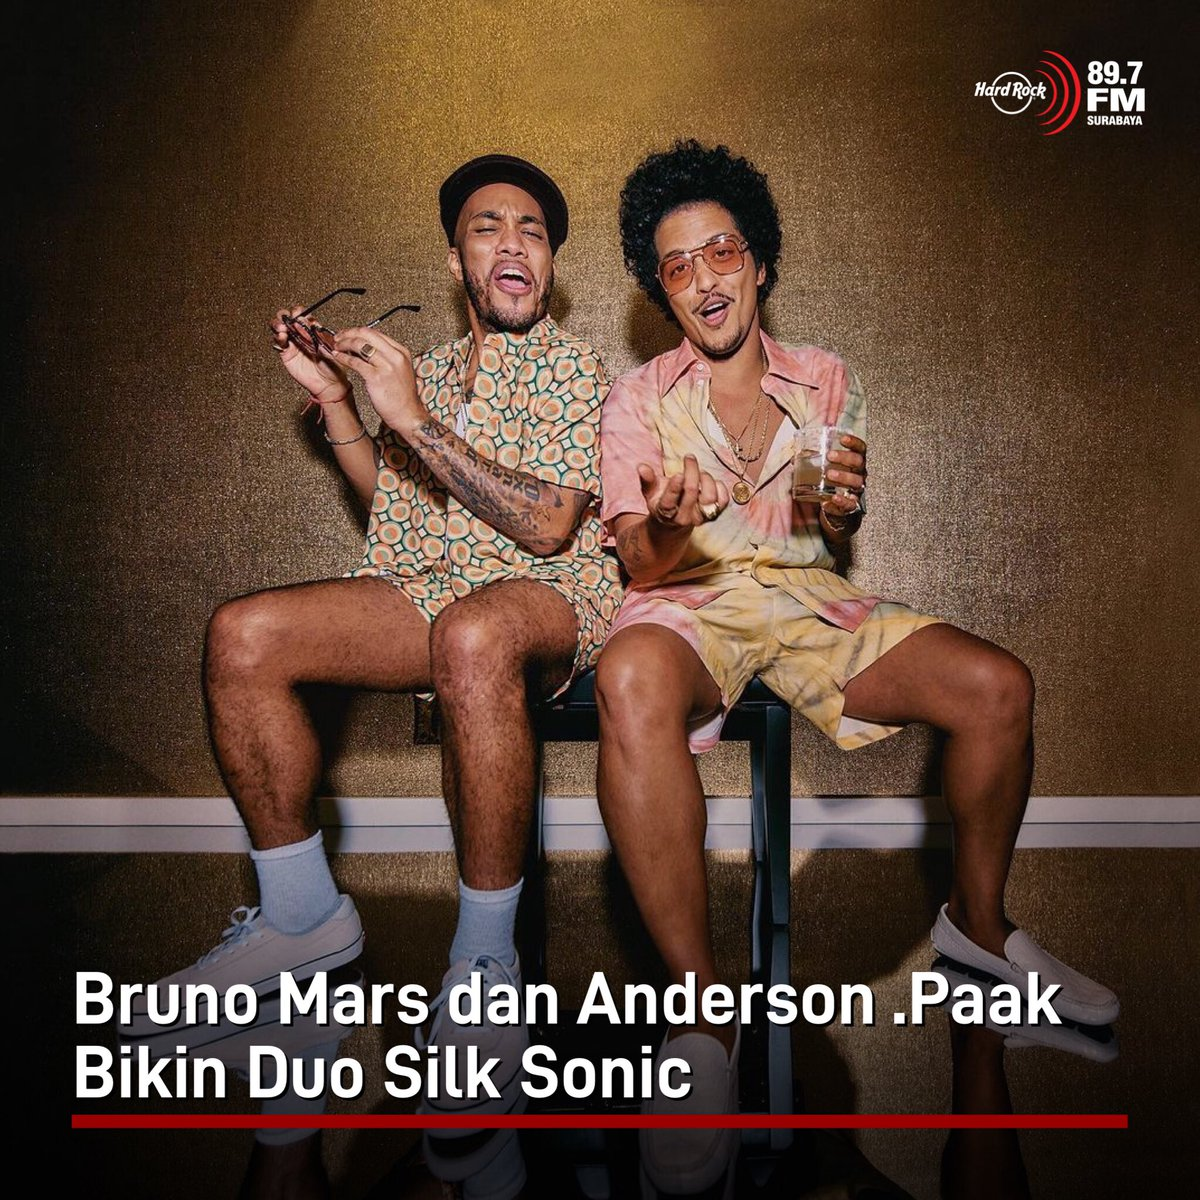 #HRFMNews Bruno Mars dan Anderson. Paak bikin proyek kolaborasi yang diberi nama Silk Sonic.  Mereka mengumumkan bahwa duo ini bakal bikin album dan single pertamanya akan dirilis Jumat 5 Maret besok.